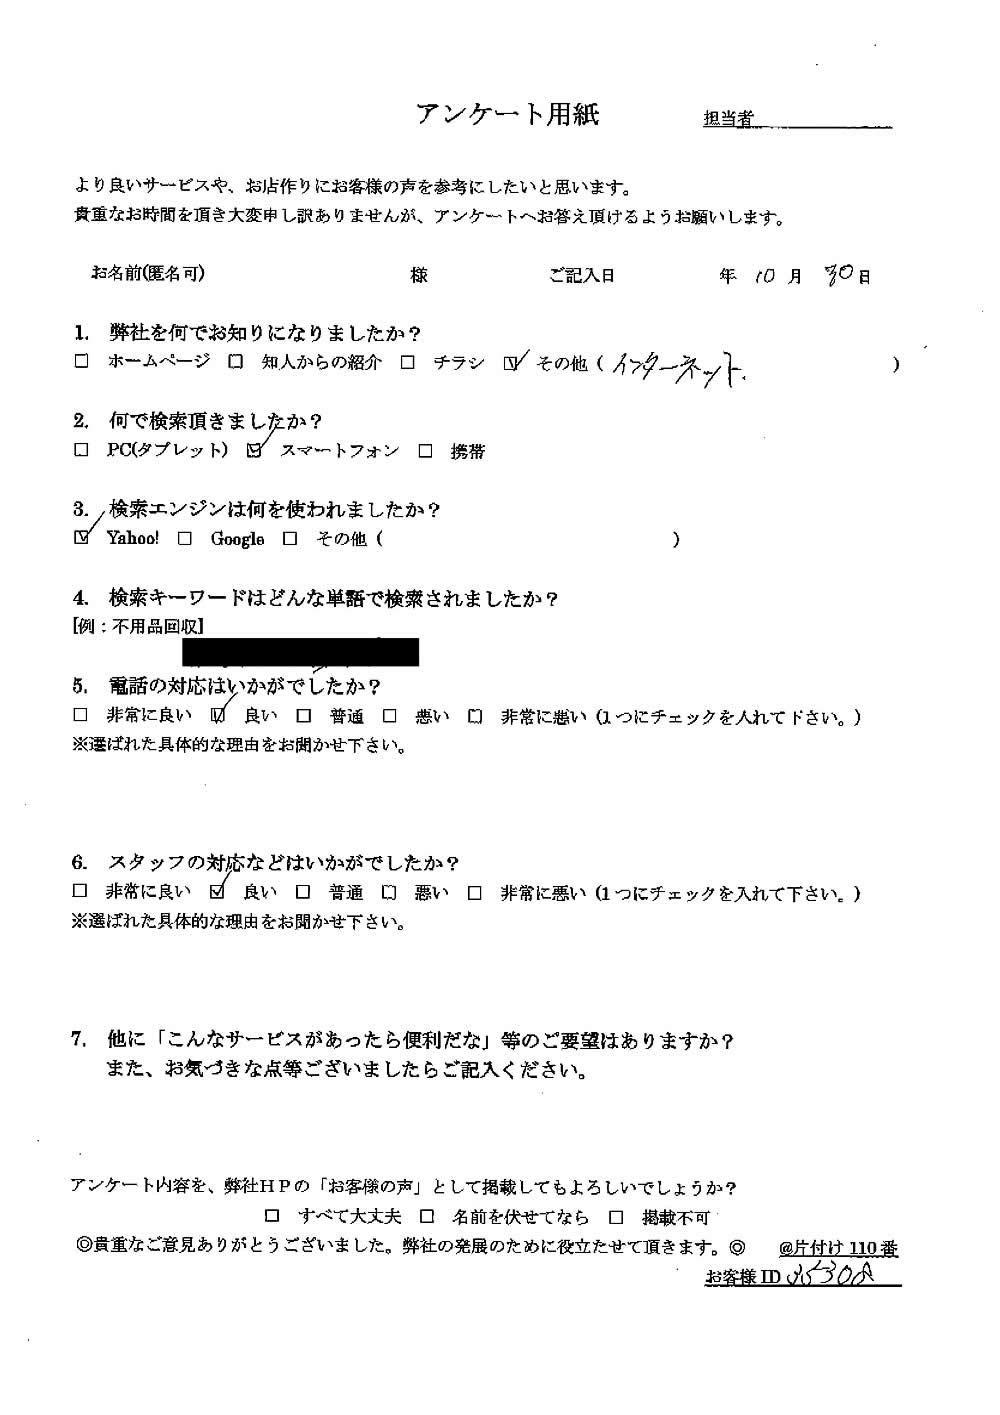 【島田市】押入れ内の金庫の処分☆スムーズに対応できお喜びいただけました!